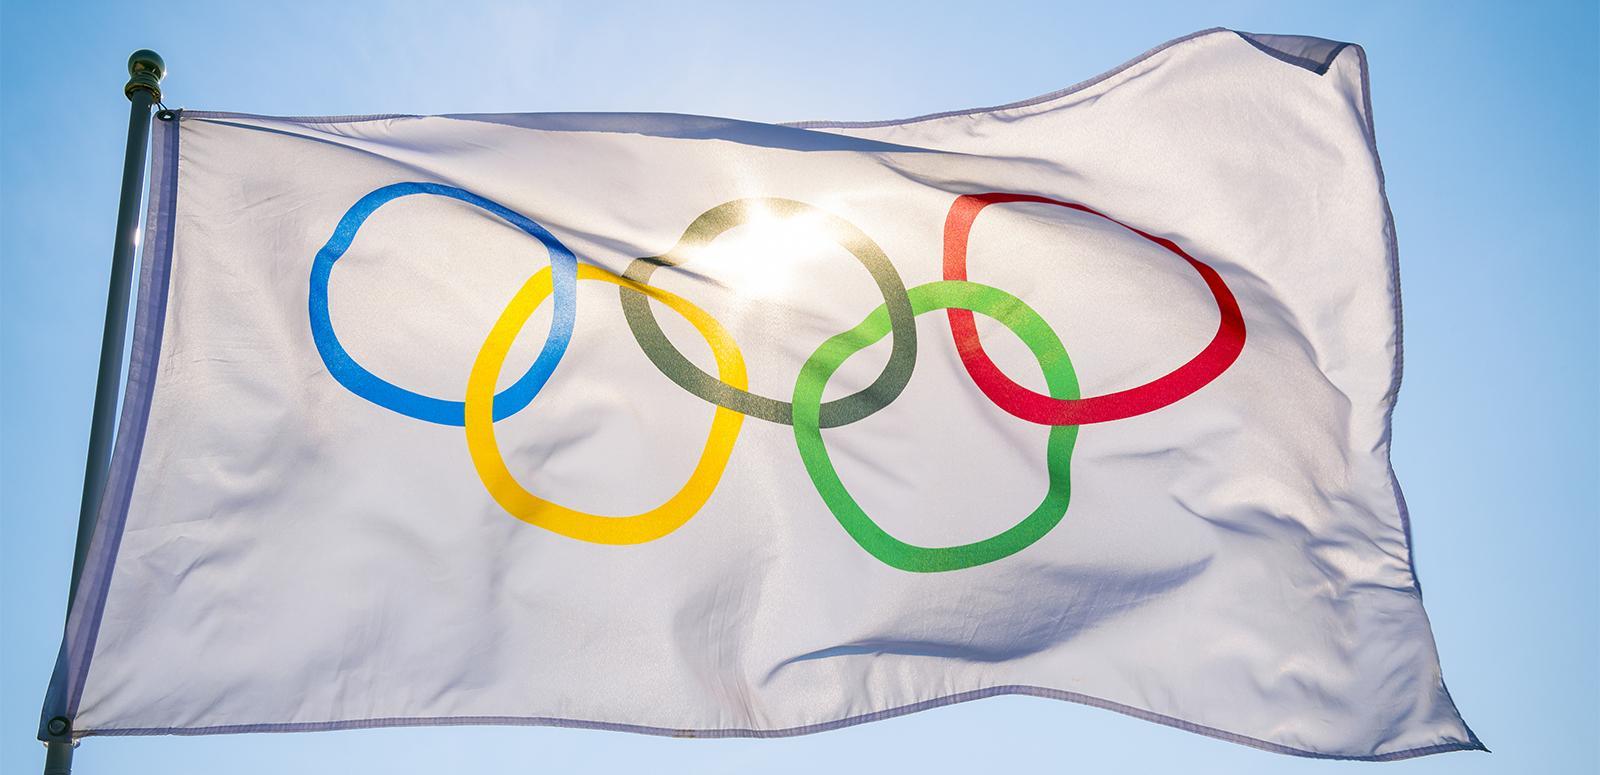 东京奥运会将进行60项简化 具体计划仍待确认